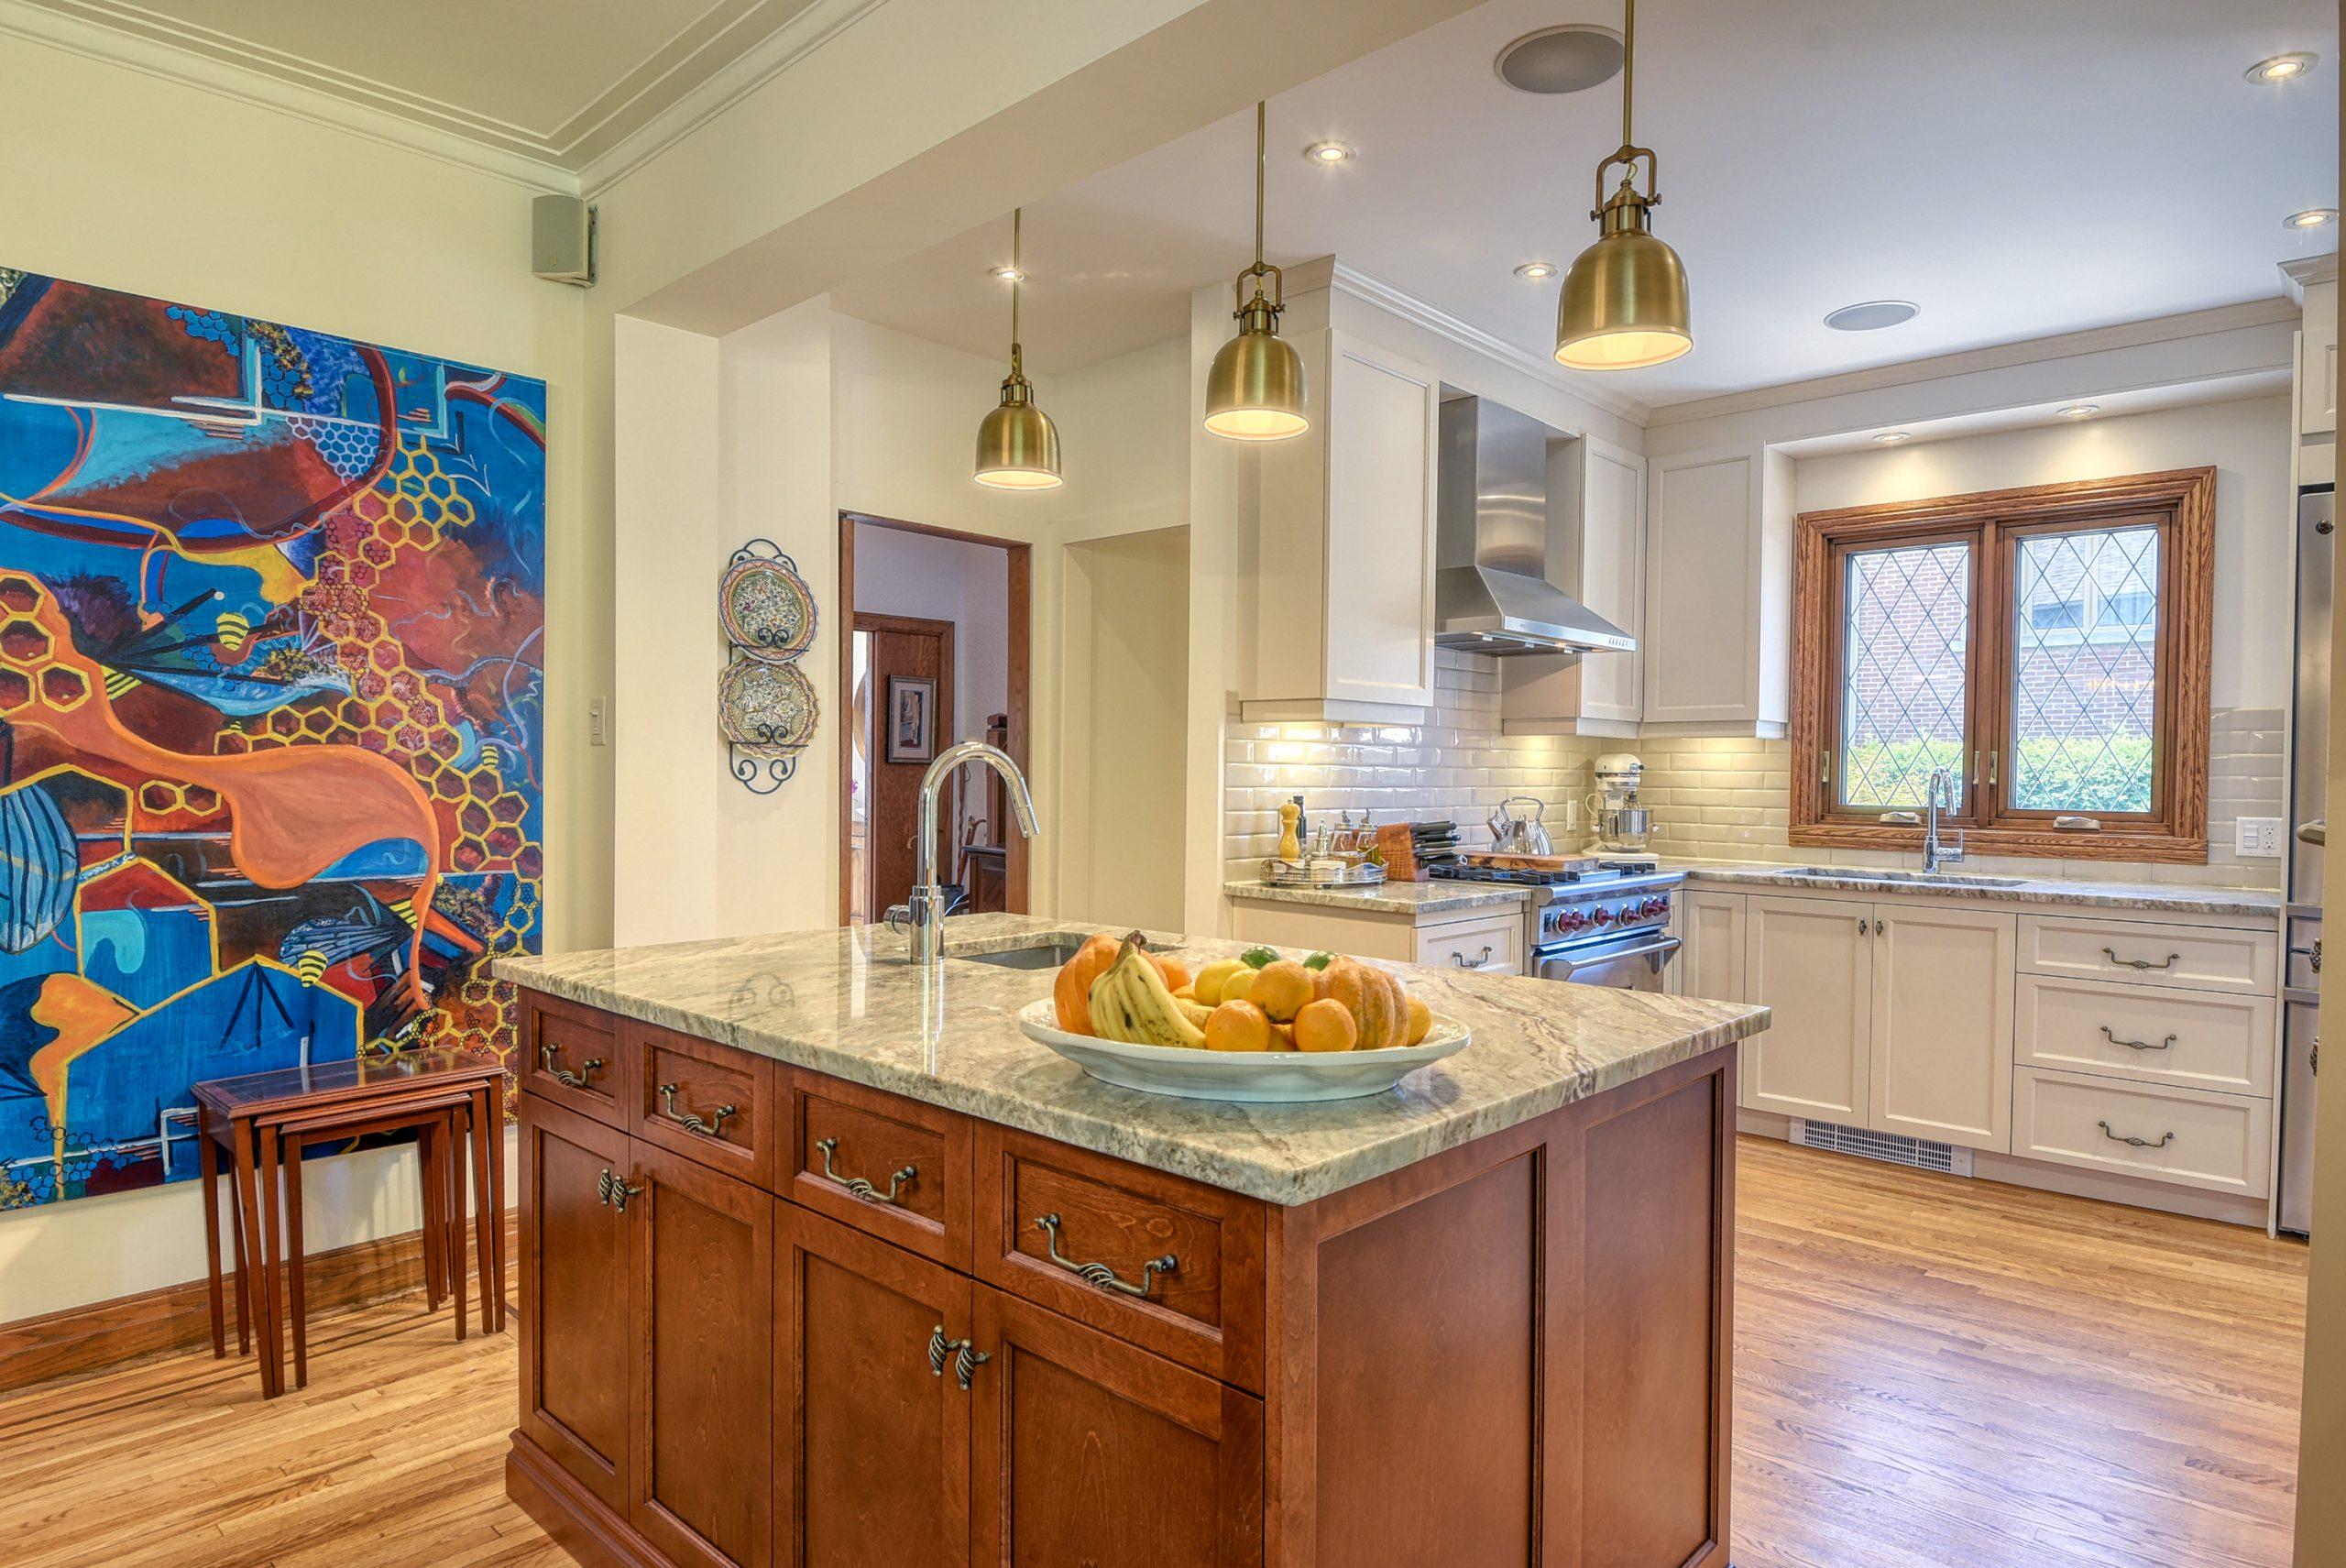 605 Av Berwick Mont Royal Kitchen